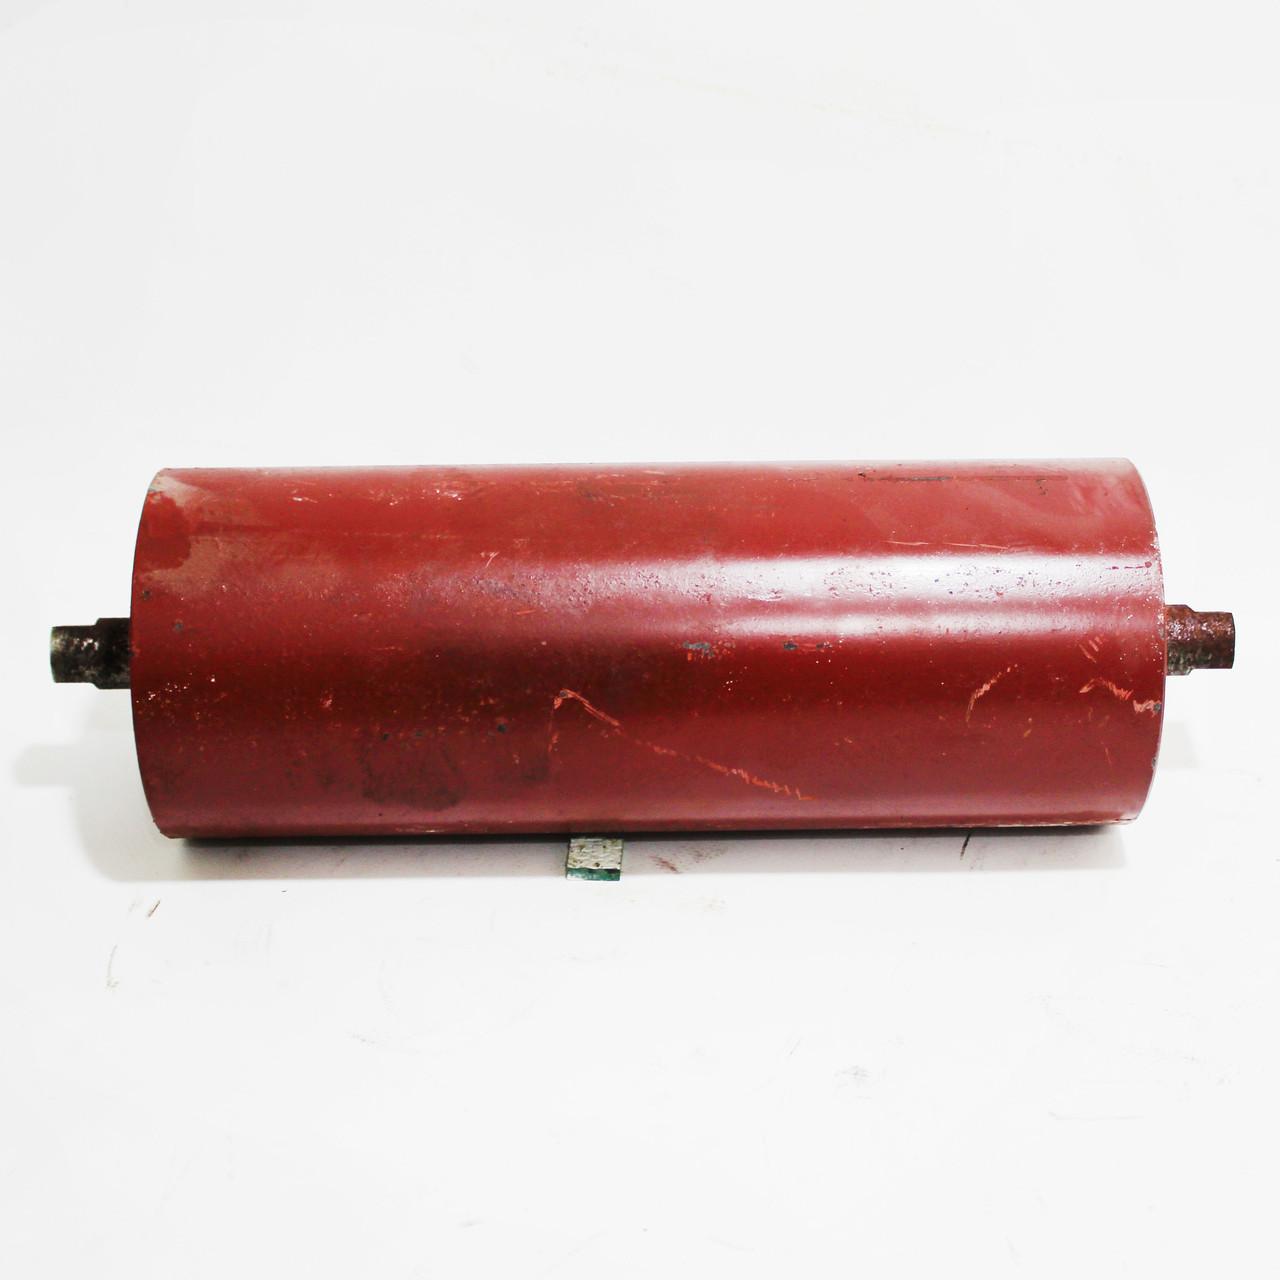 Ролик натяжной транспортера семян (качалка) ПСП ПСХ-01.500